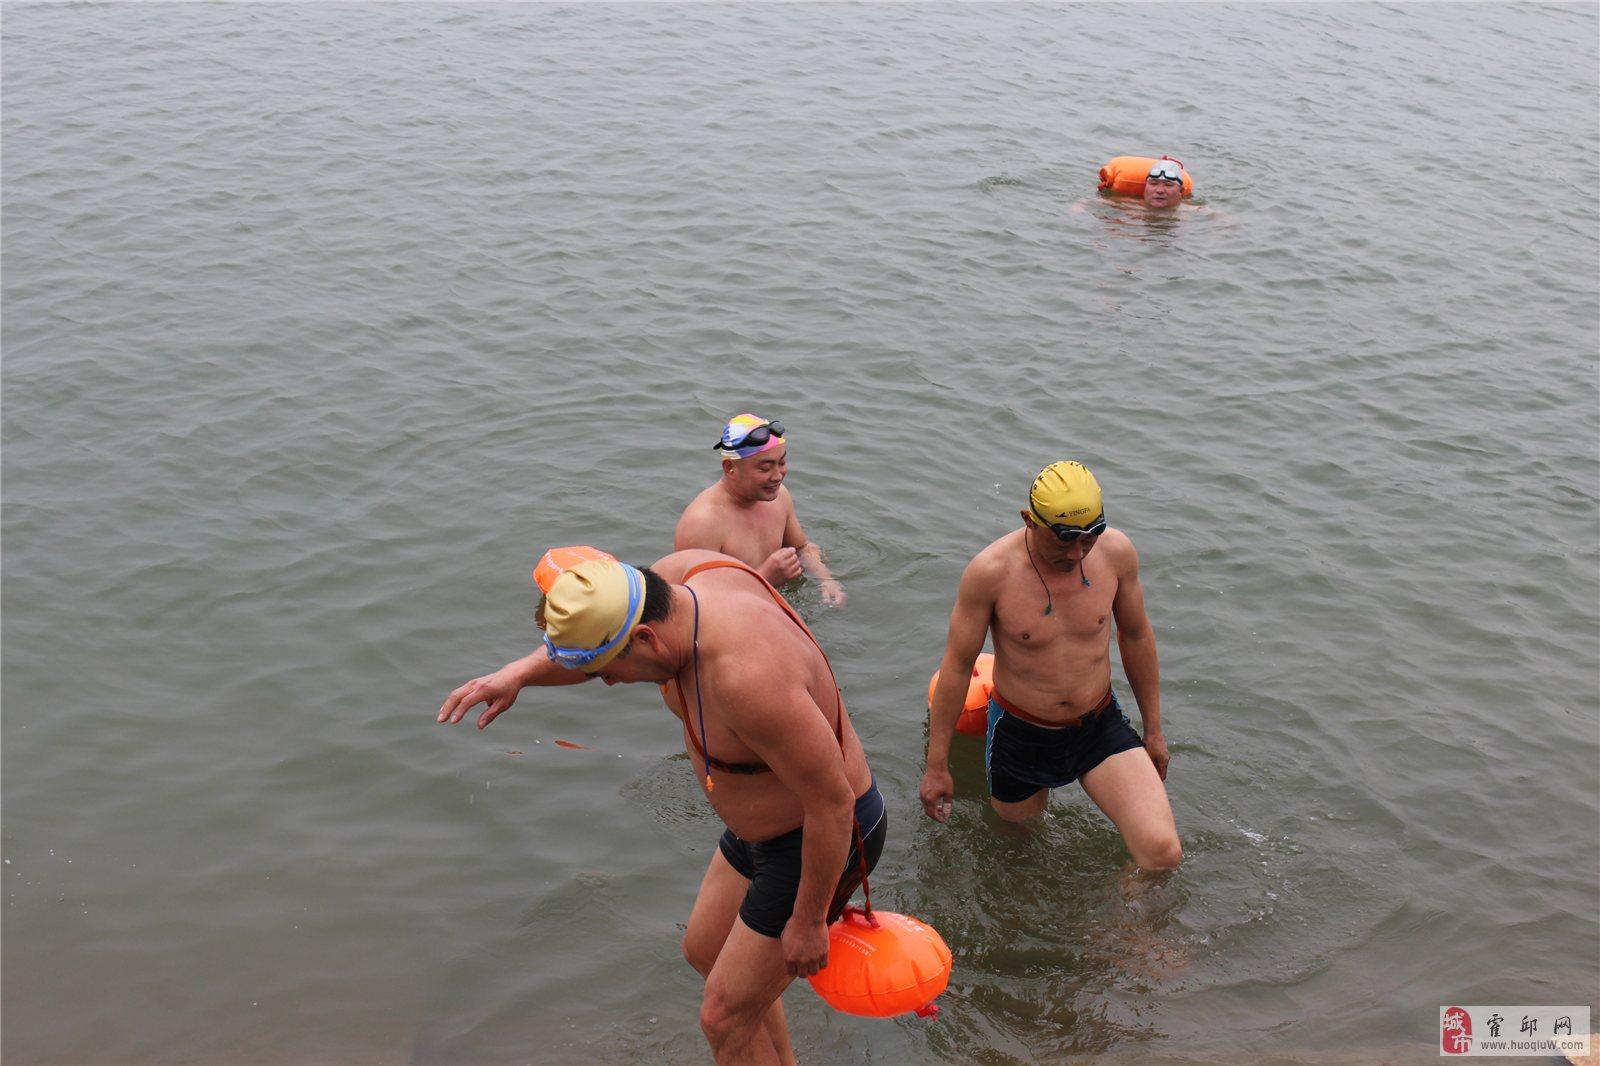 这么冷的天气你敢冬泳吗?看看大霍邱冬泳俱乐部的猛男们~